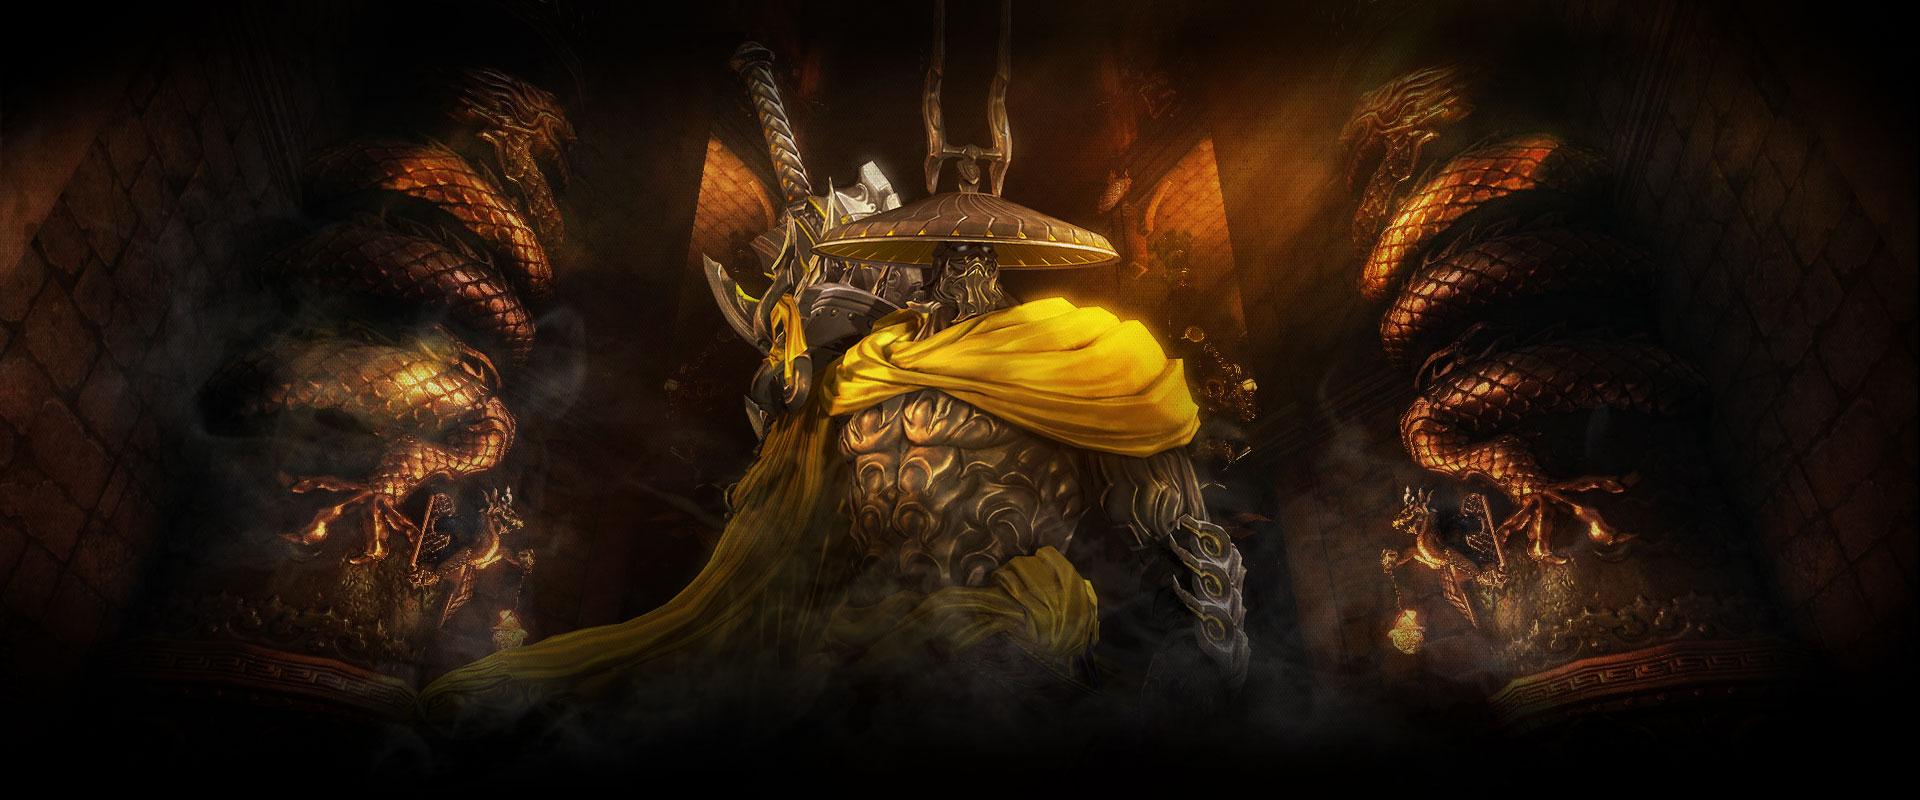 """Blade & Soul – Neues Dungeon """"Zitadelle der Dunkeldraken"""" und verbilligte Upgrades"""